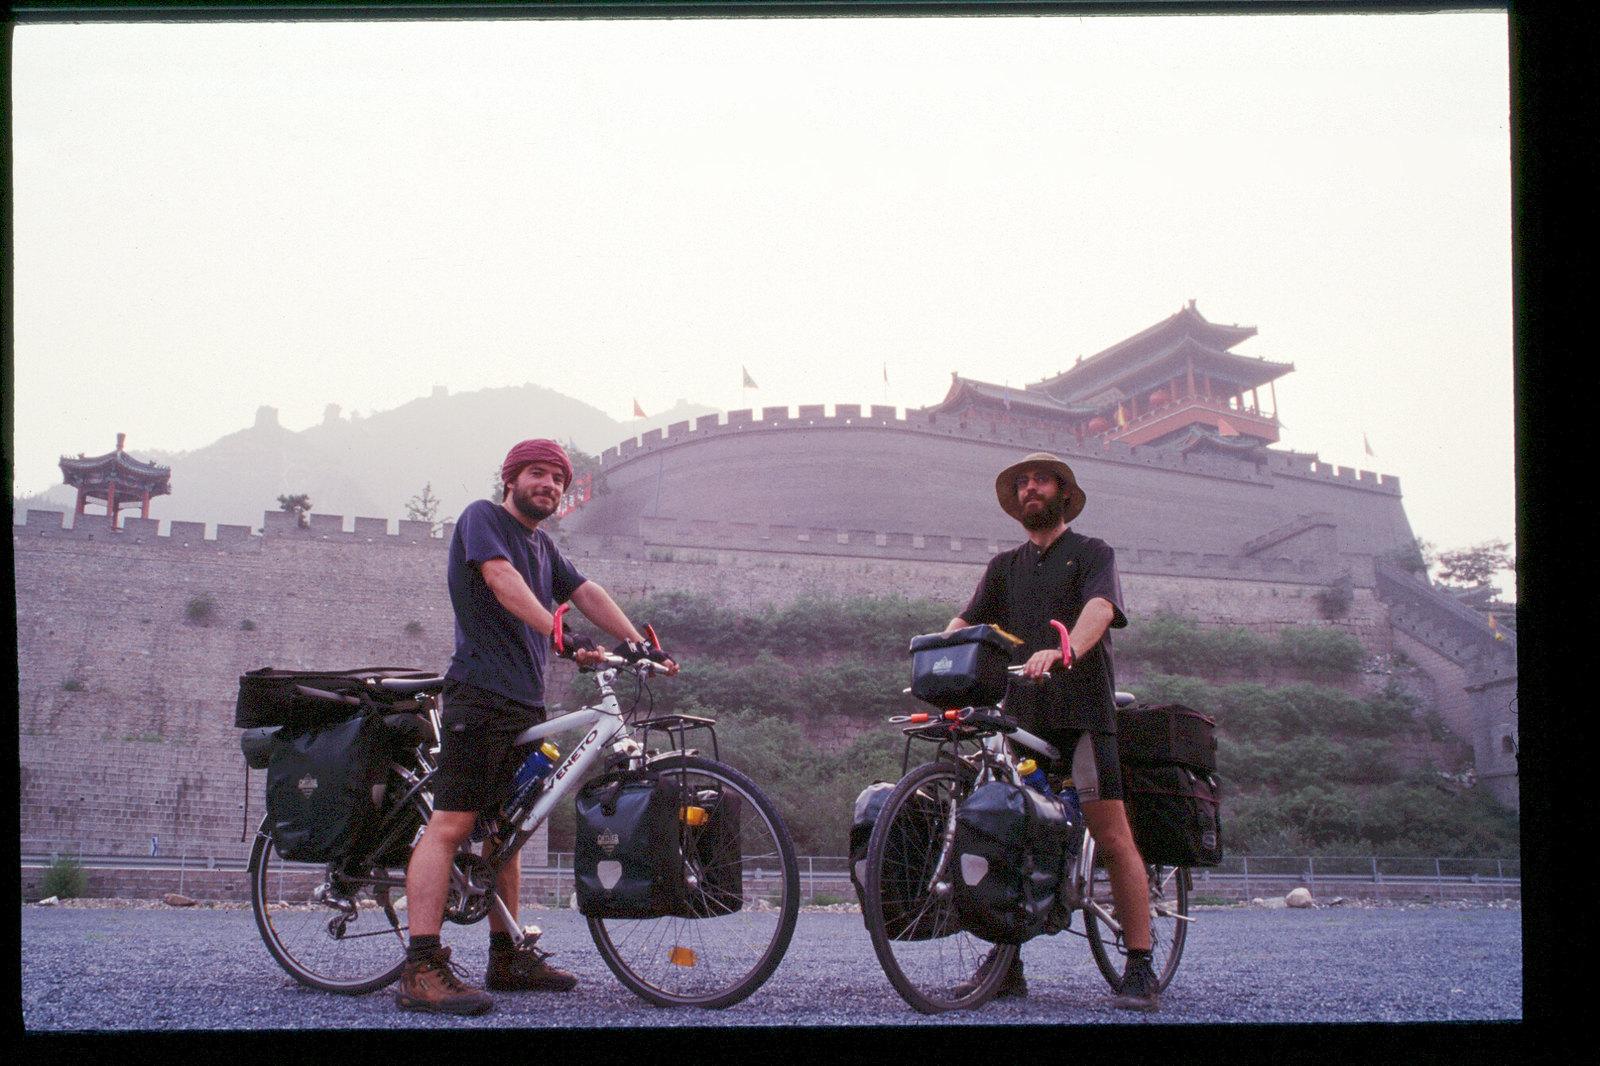 La Chine à vélo - de Pékin à Urumqi - au pied de la muraille de Chine